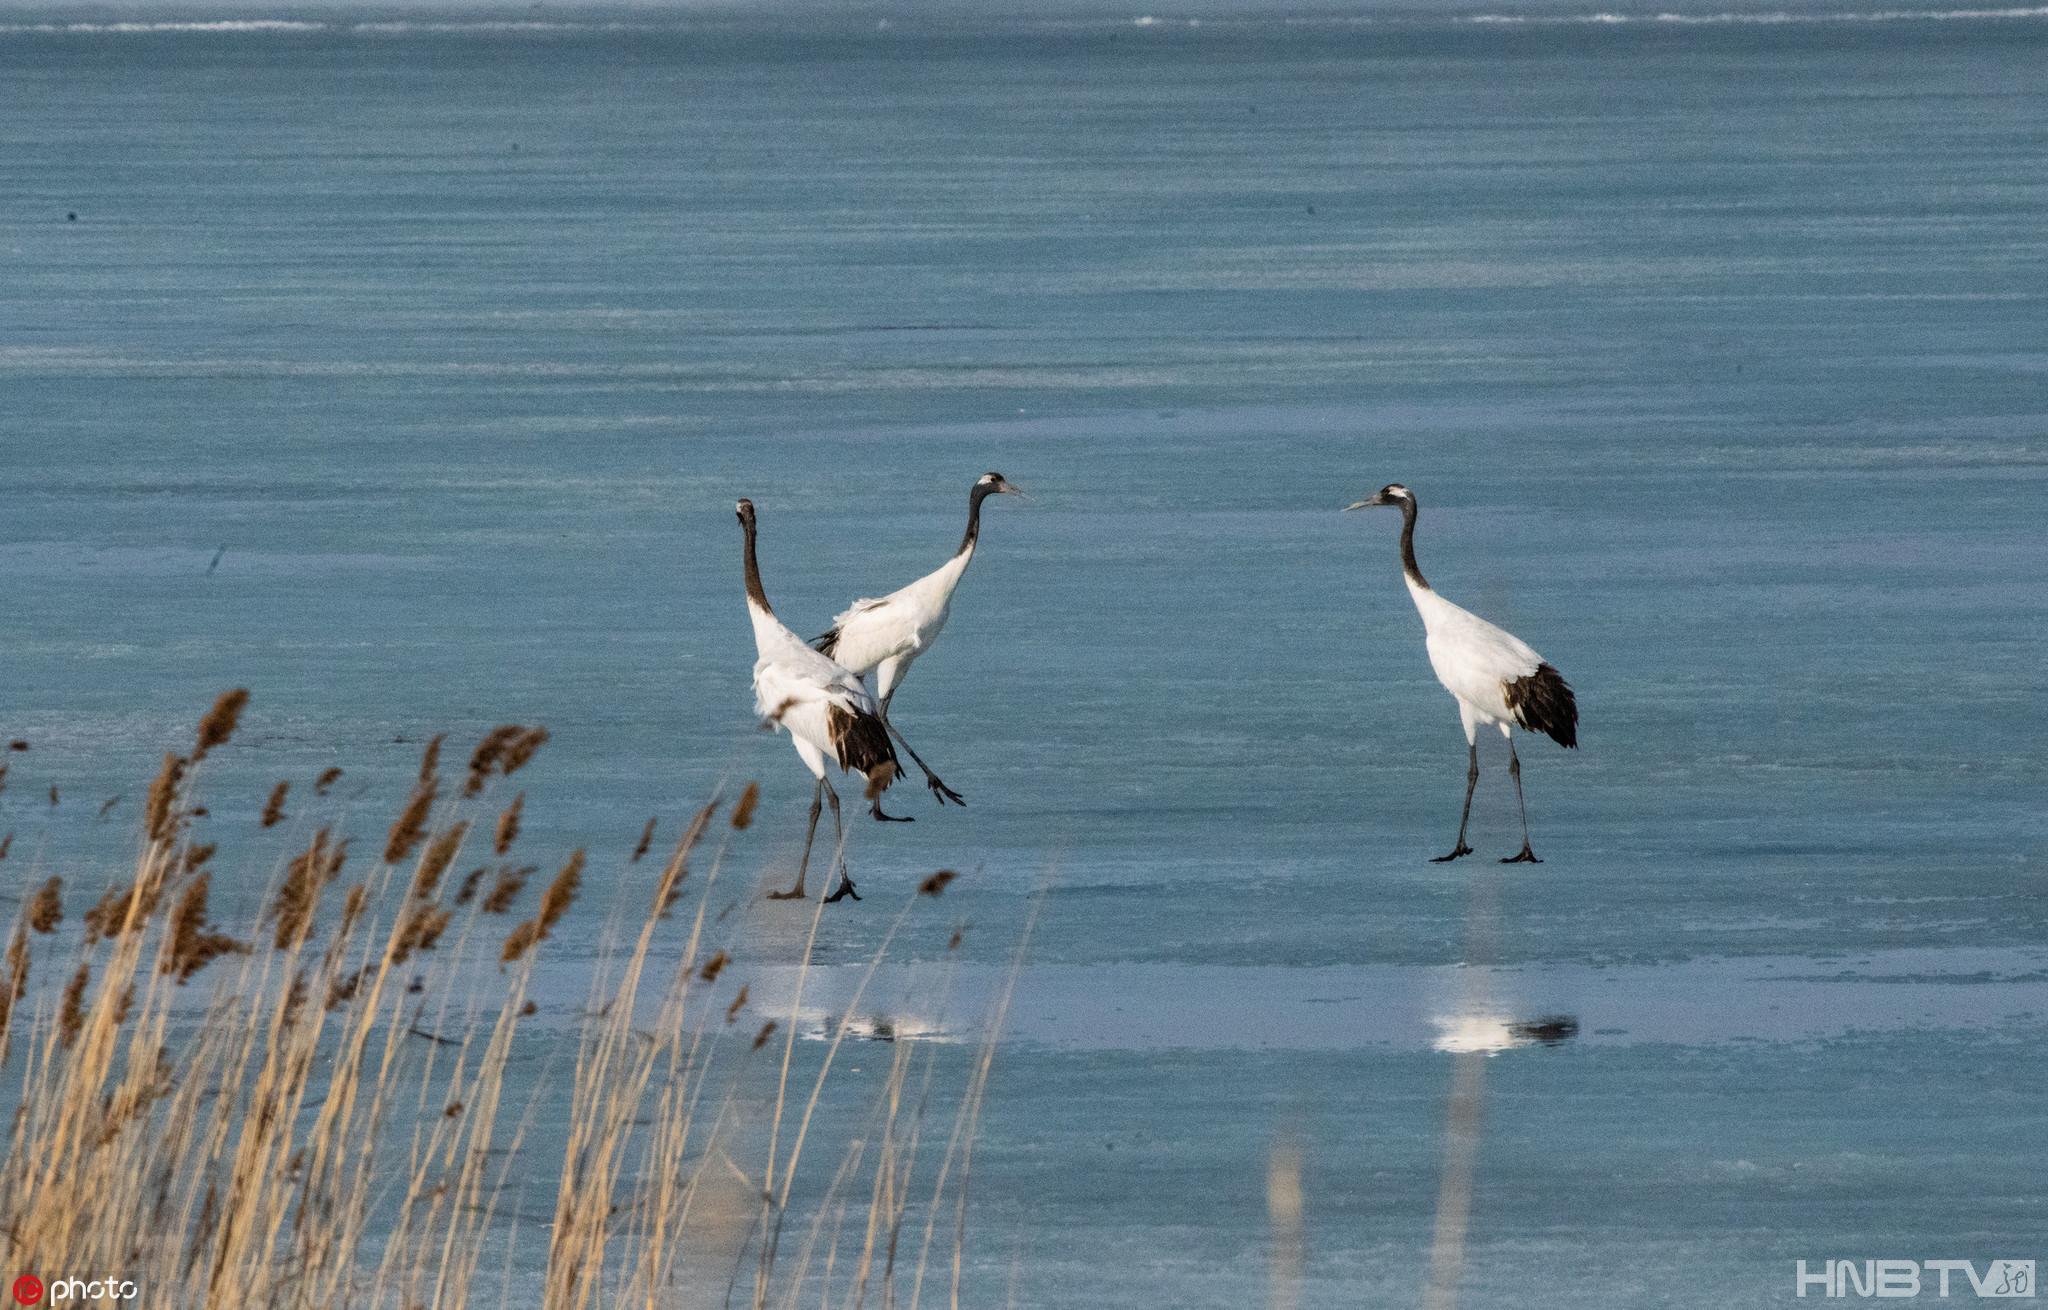 丹顶鹤从越冬地迁徙回扎龙自然保护区